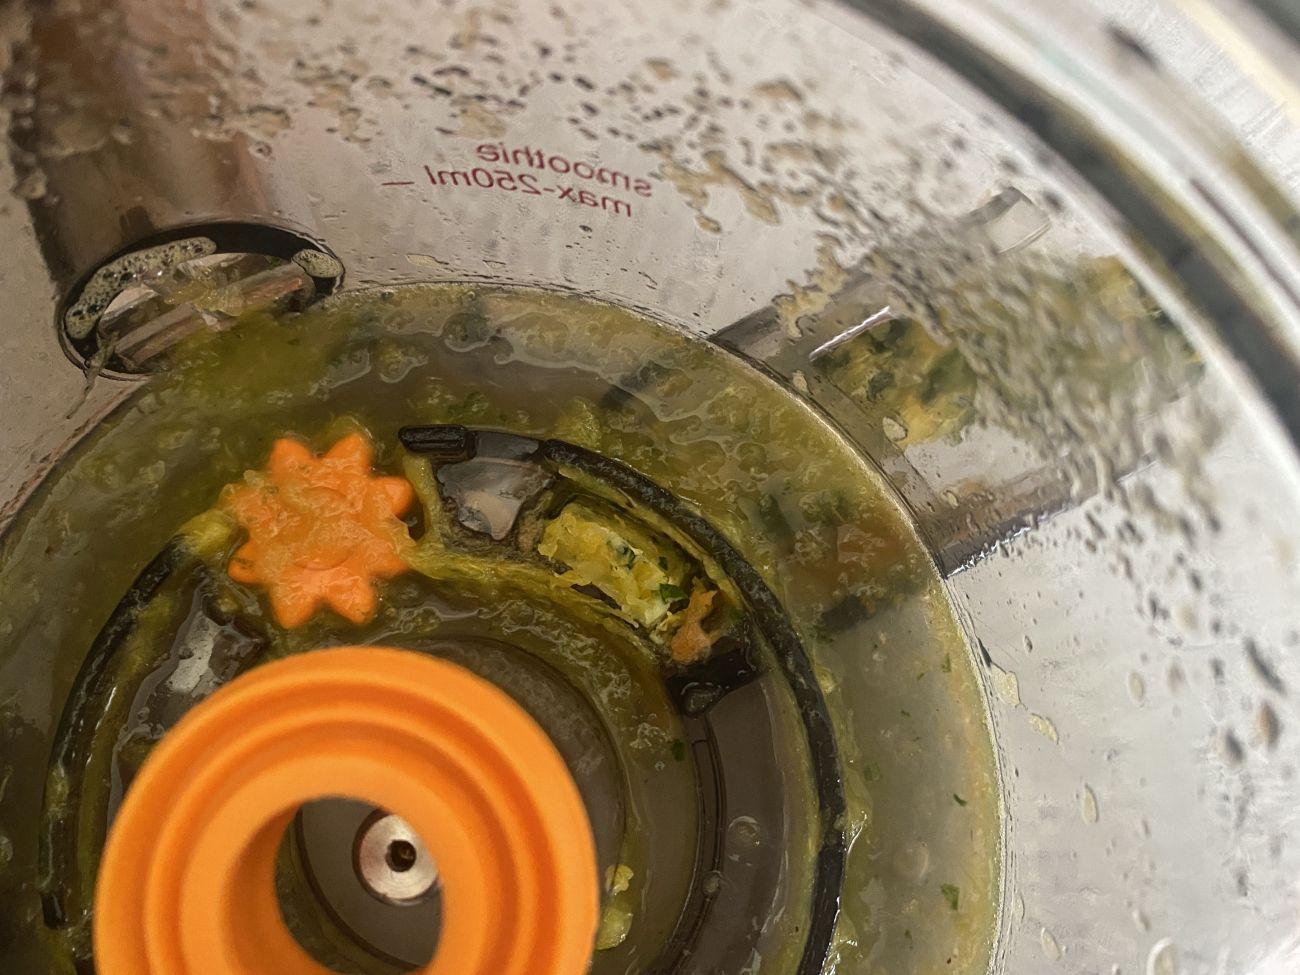 Götze & Jensen SJ901T zapchany wylot pulpy przygotowany do mycia